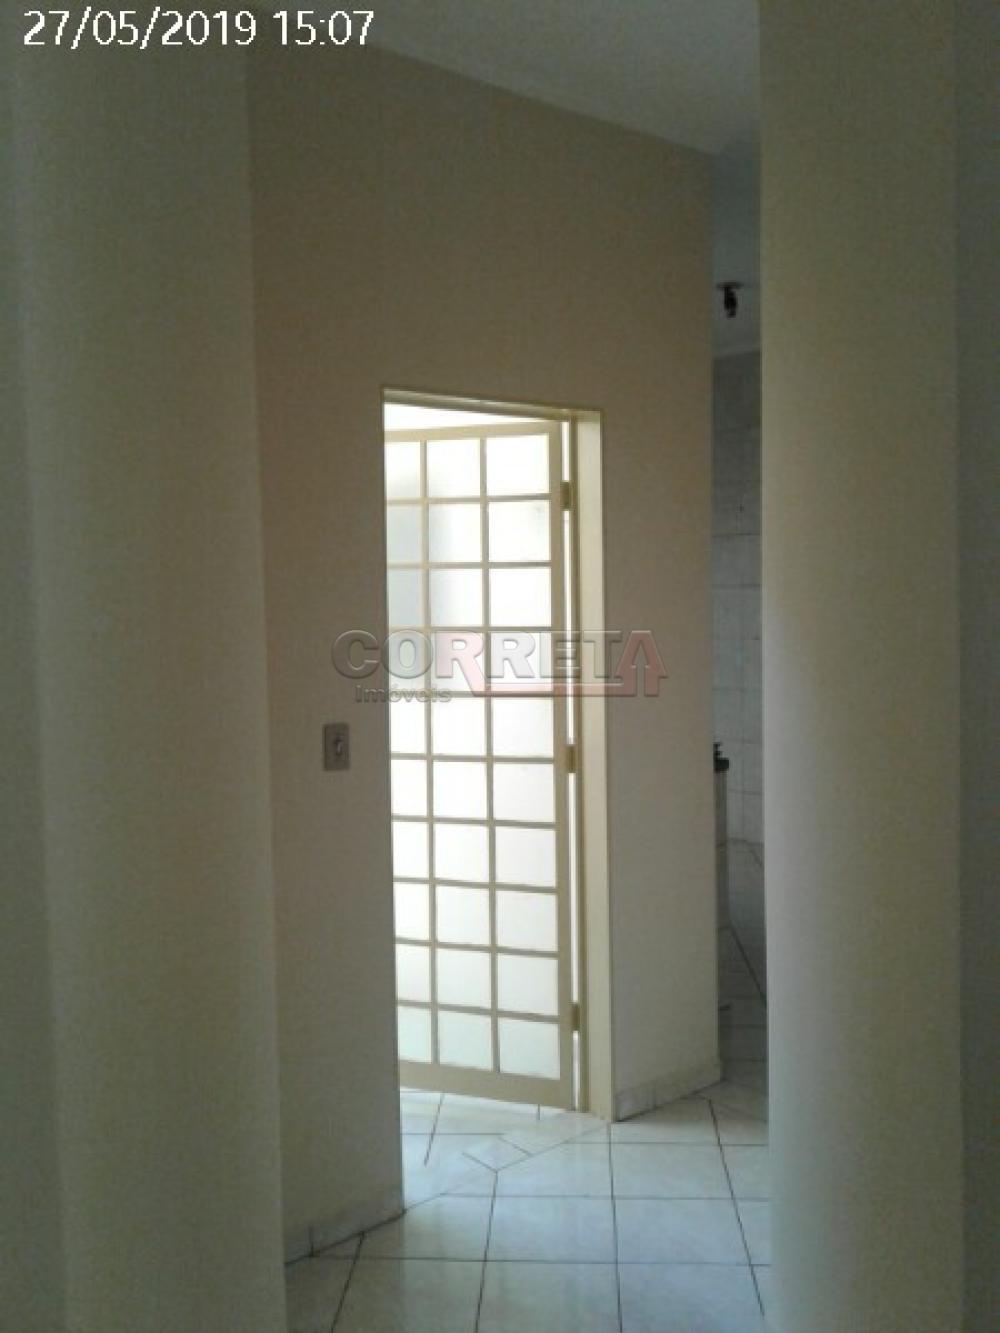 Alugar Casa / Residencial em Araçatuba apenas R$ 750,00 - Foto 4